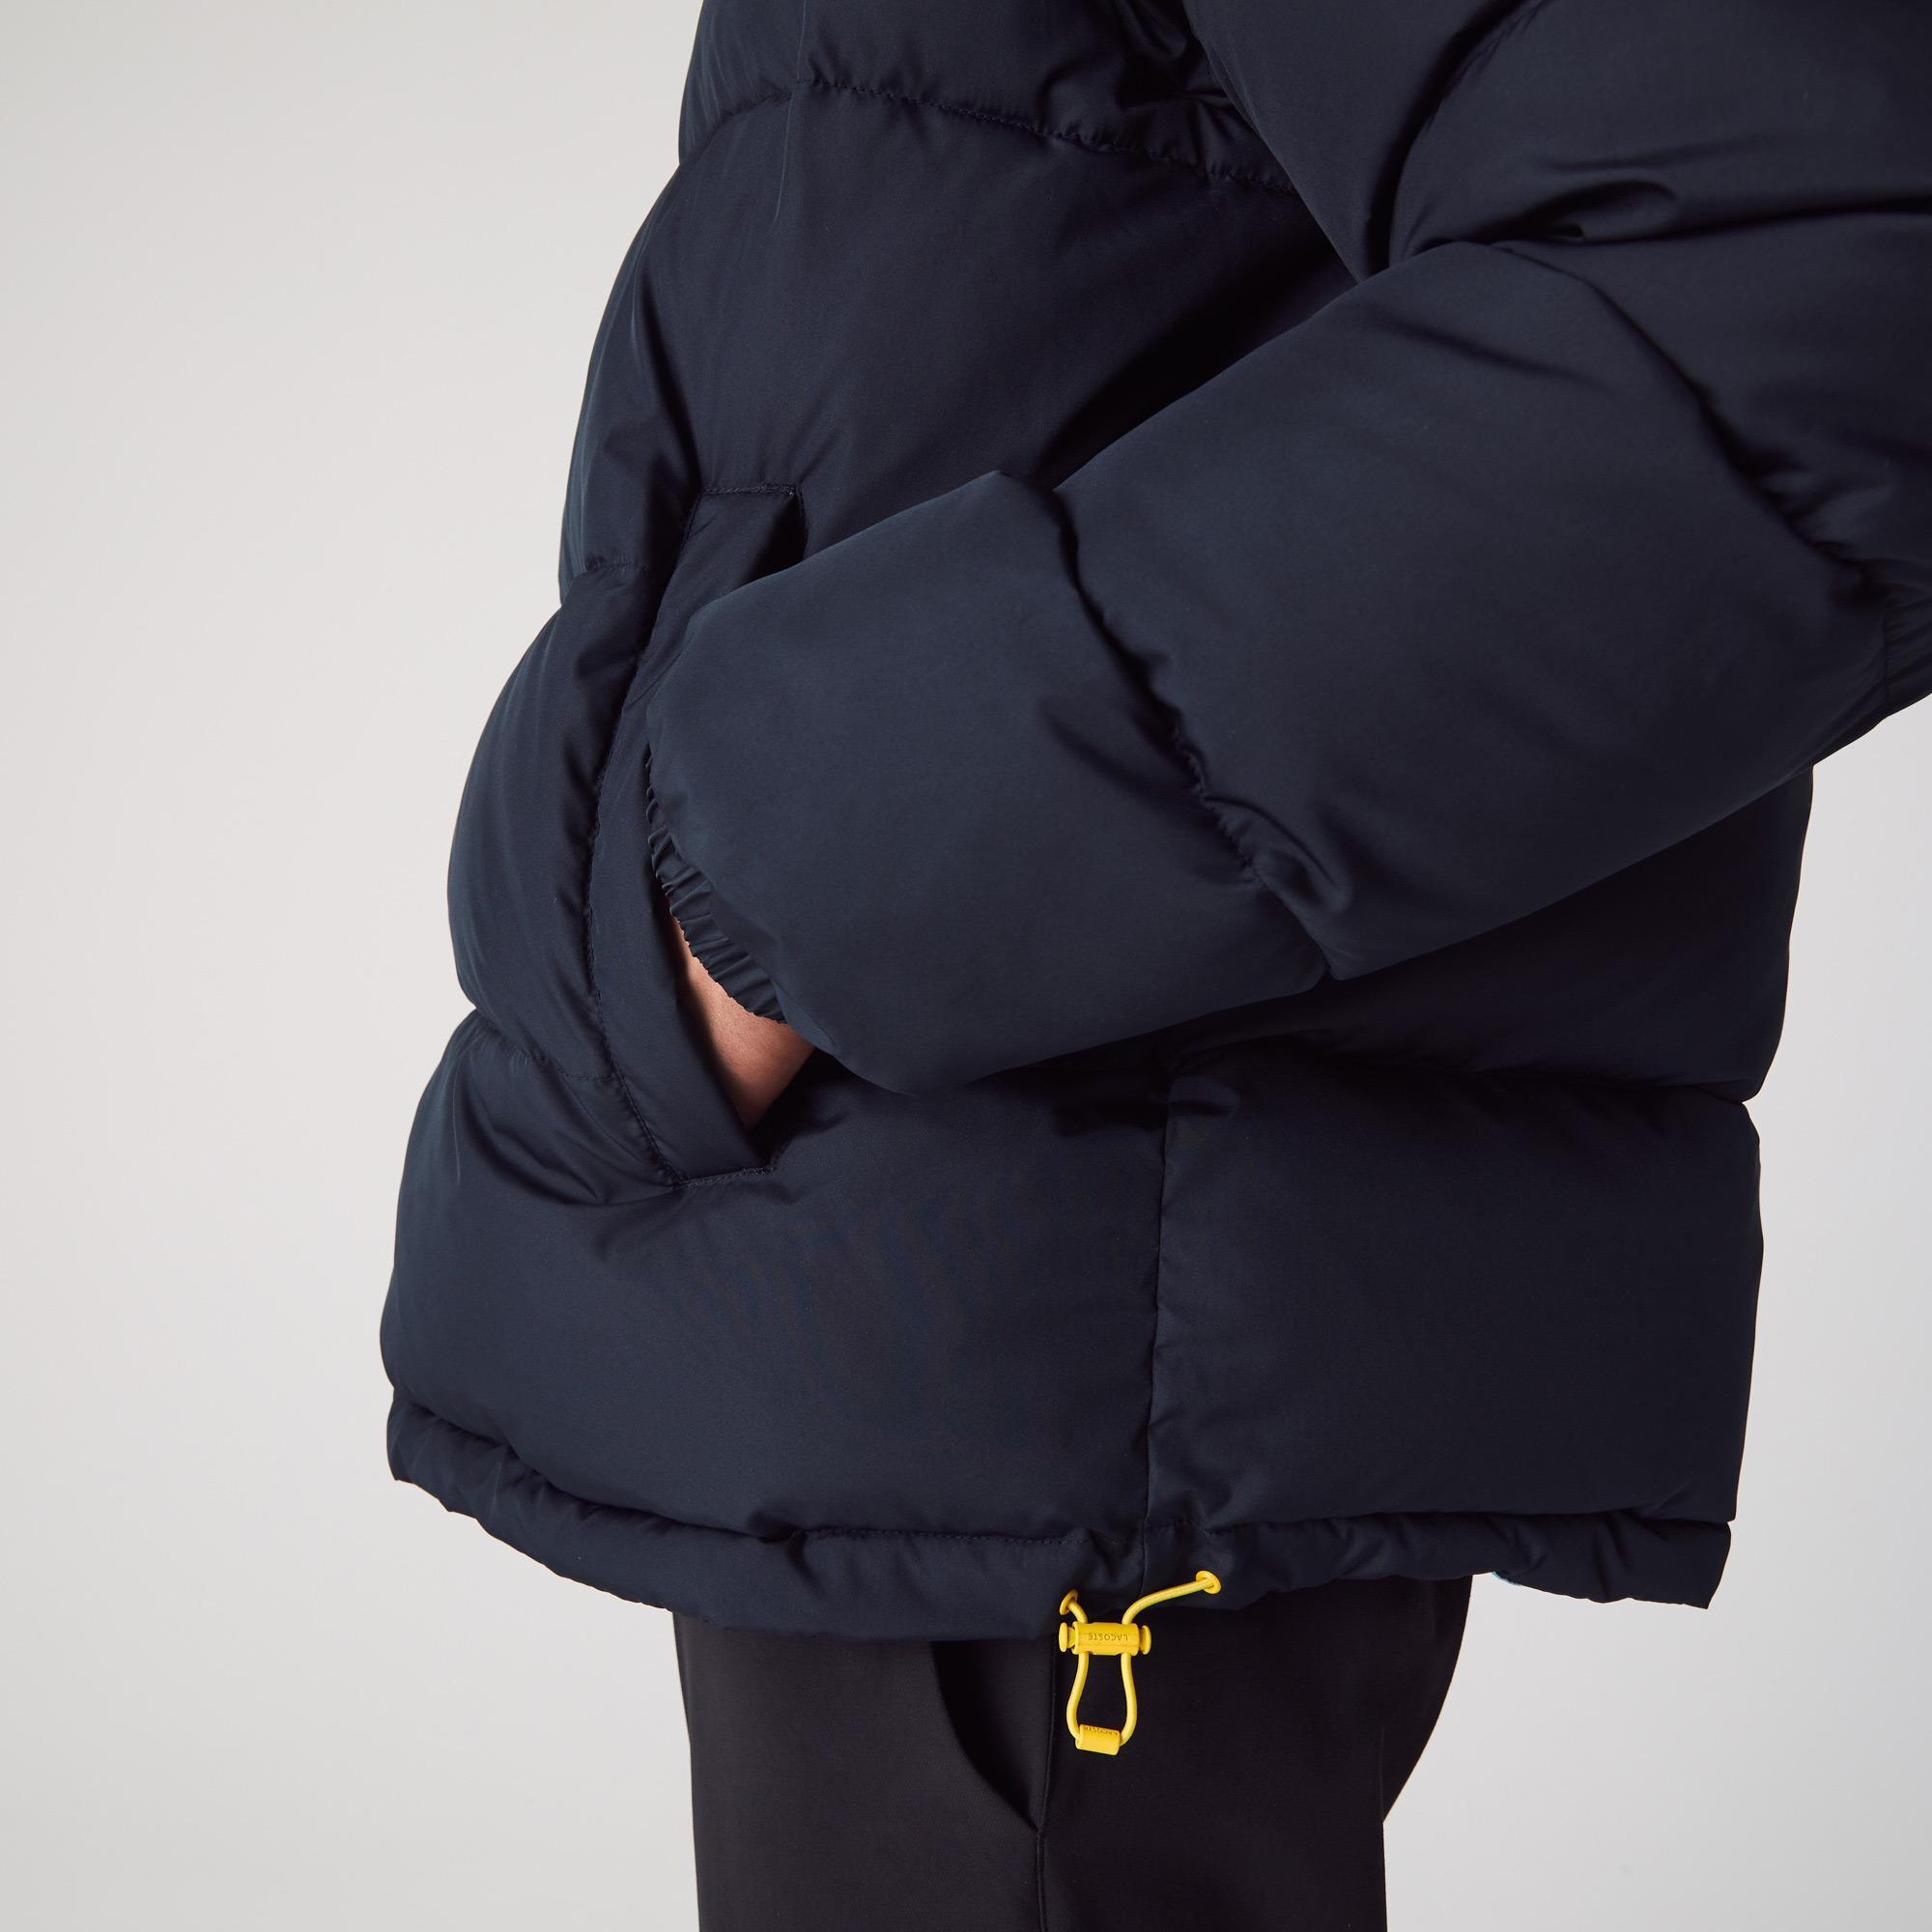 Lacoste x National Geographic Erkek Baskılı Kapüşonlu Lacivert Çift Taraflı Mont